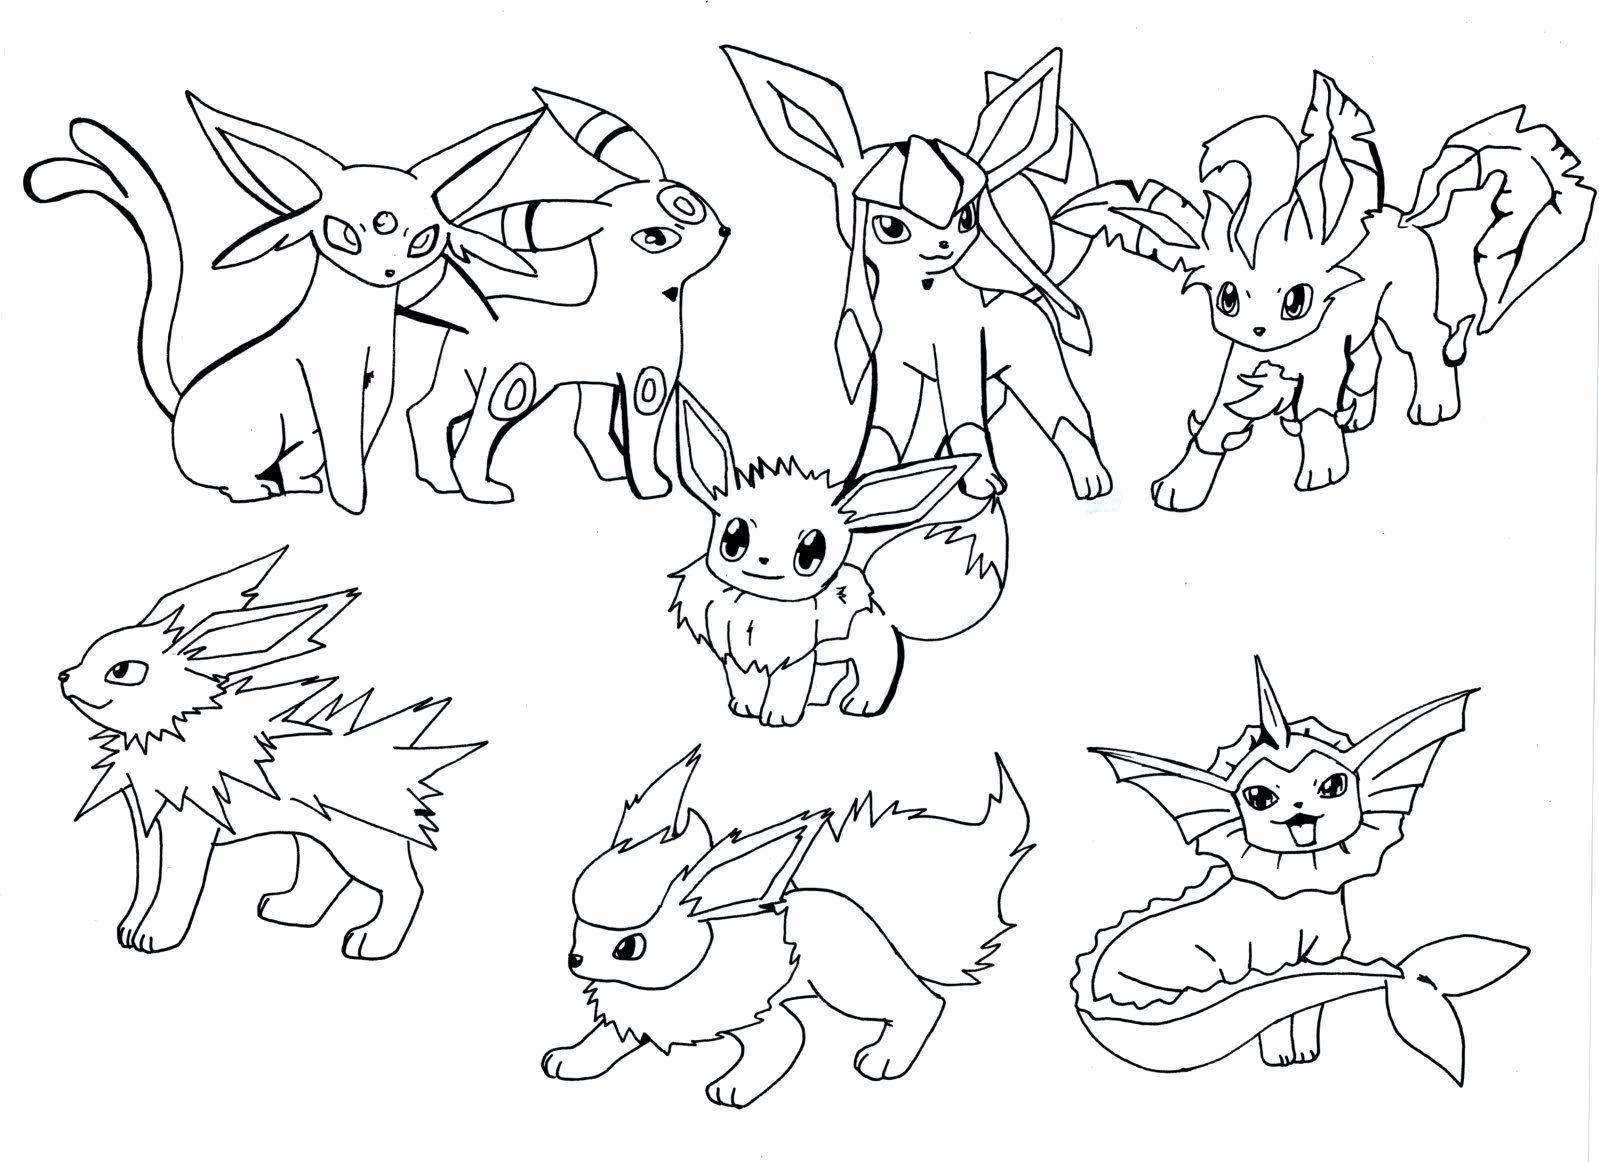 Eevee Evolutions Coloring Page Inspirational Disegni Da Colorare Di Pokemon X E Y Hikkkll Pokemon Coloring Pages Coloring Pages Pokemon Coloring